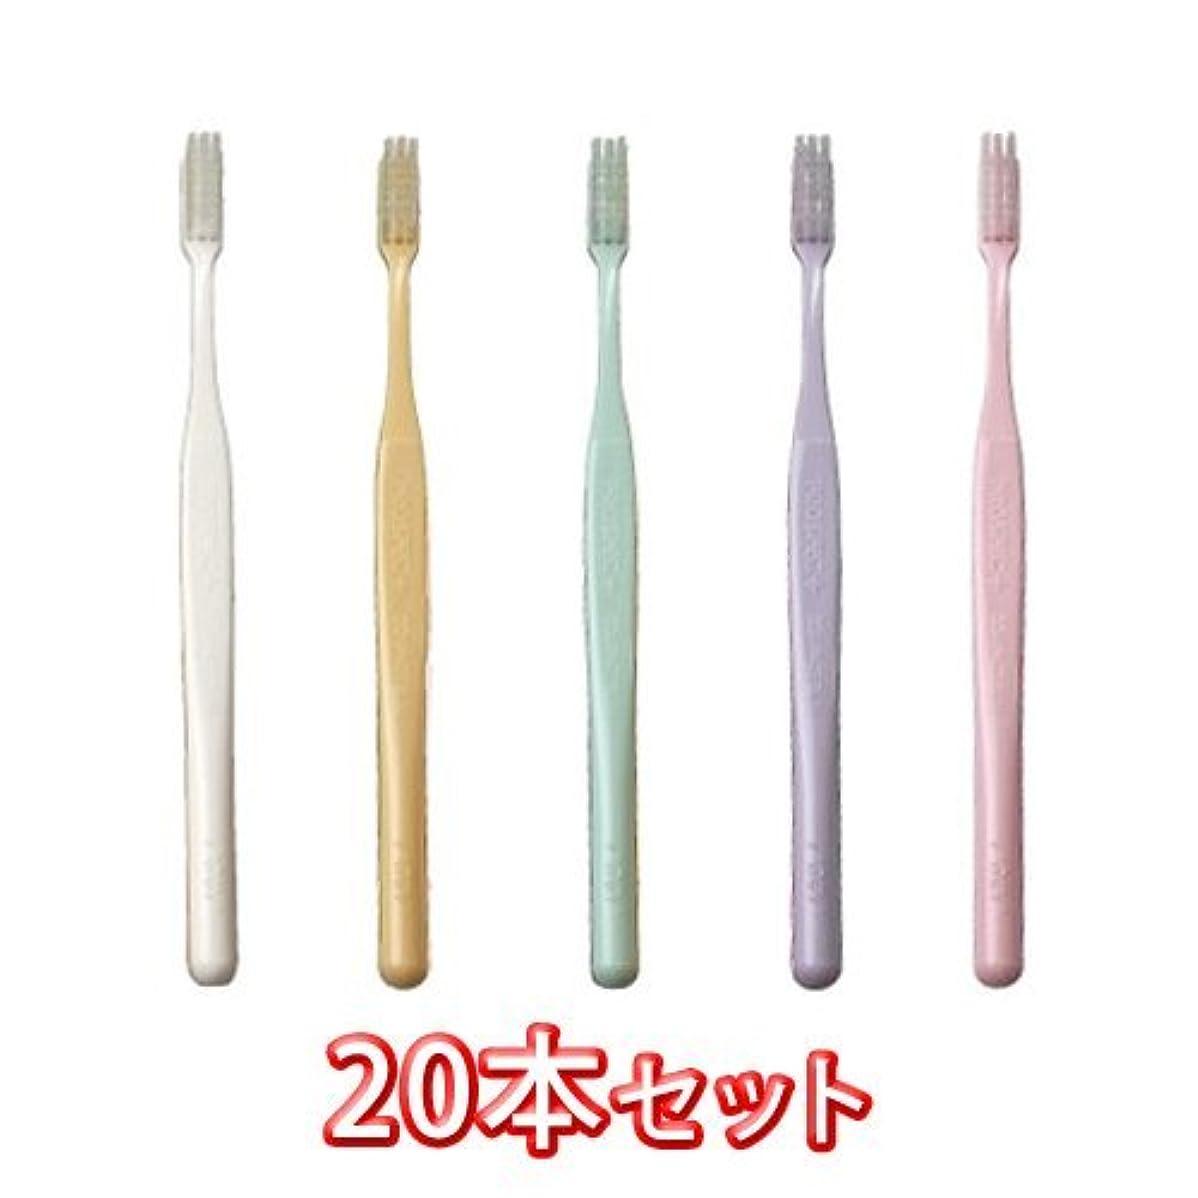 着飾るプレビスサイト薬プロスペック 歯ブラシ プラス コンパクトスリム 20本入 ふつう色 S やわらかめ